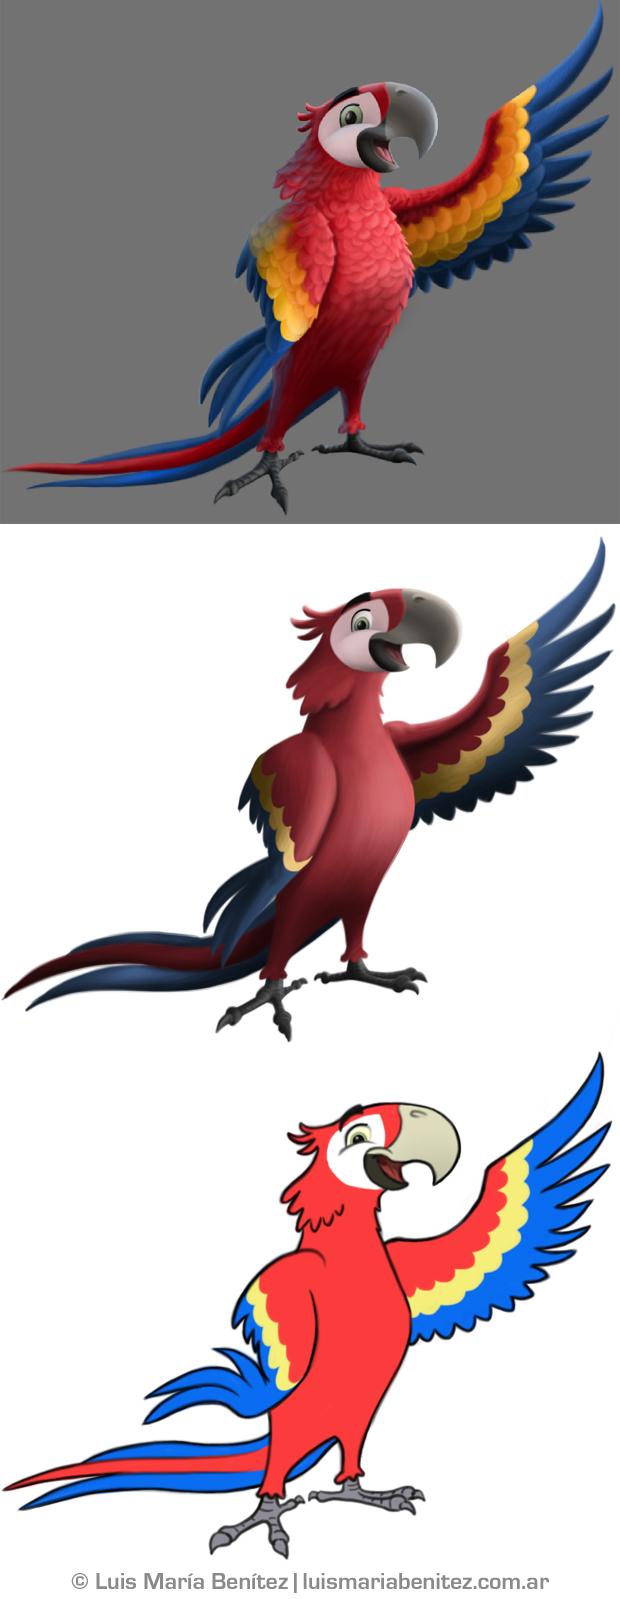 Character design process (Scarlet Macaw) / Proceso de diseño de personaje (Guara Roja) © Luis María Benítez